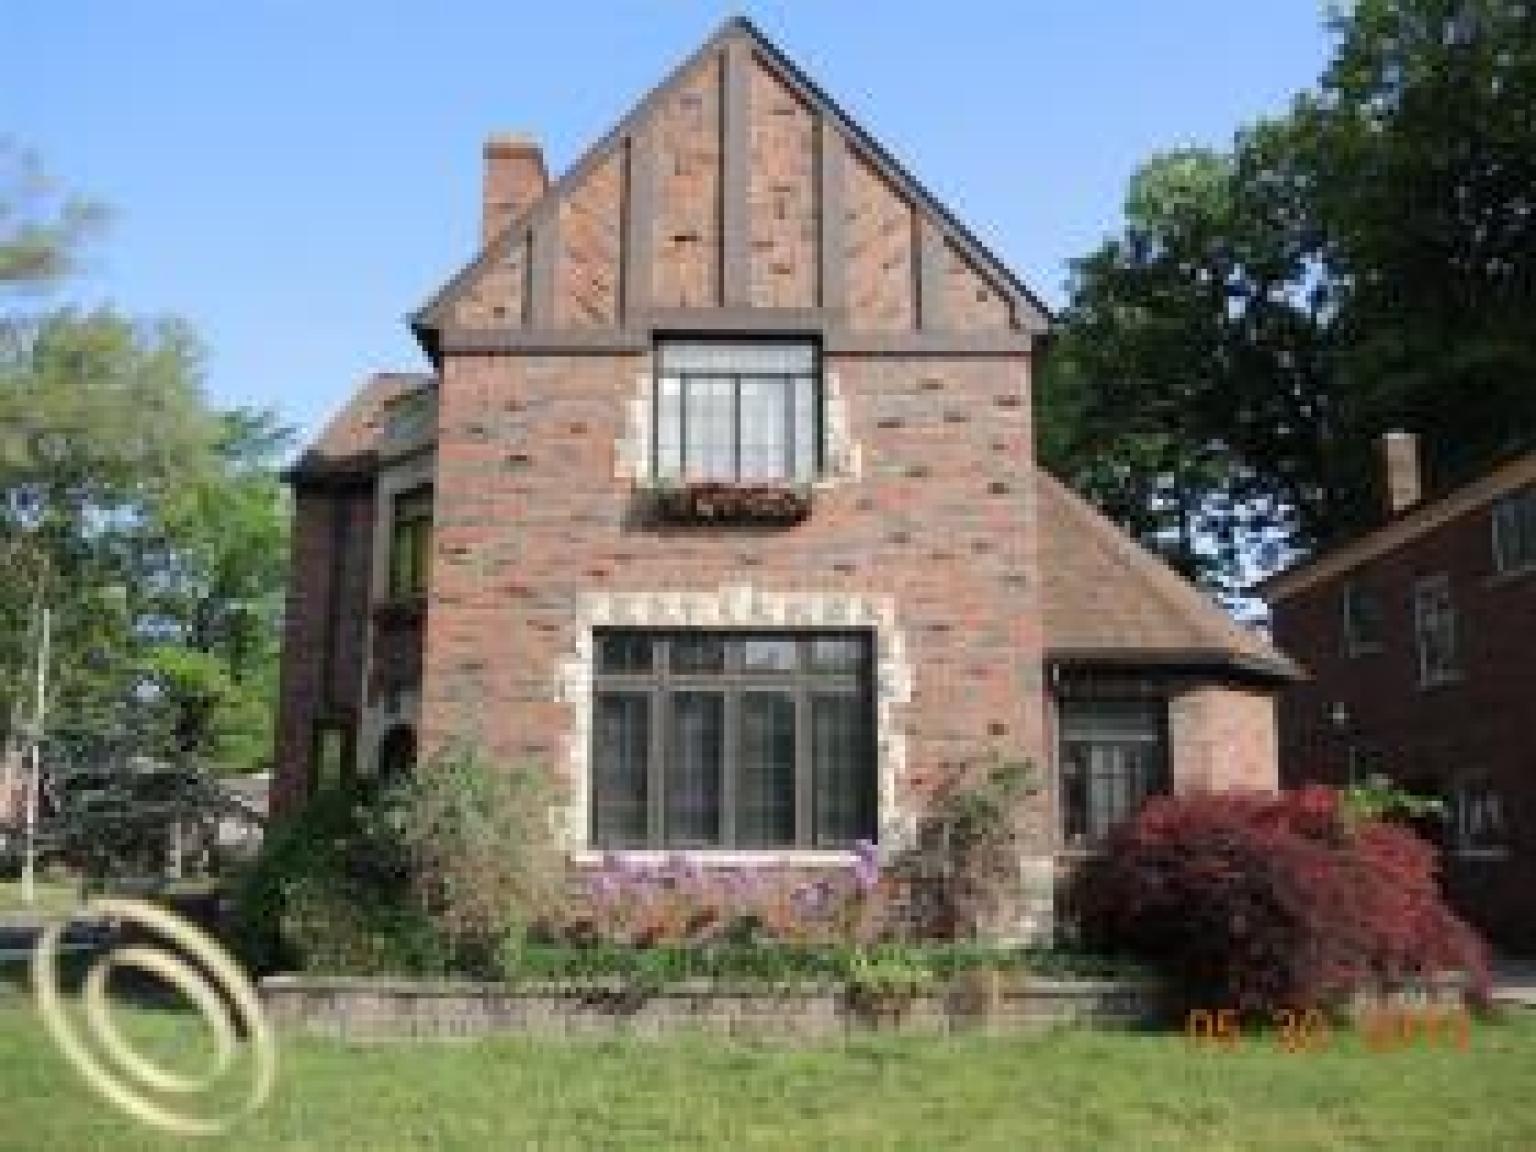 green acres tudor for sale in detroit is full of modern